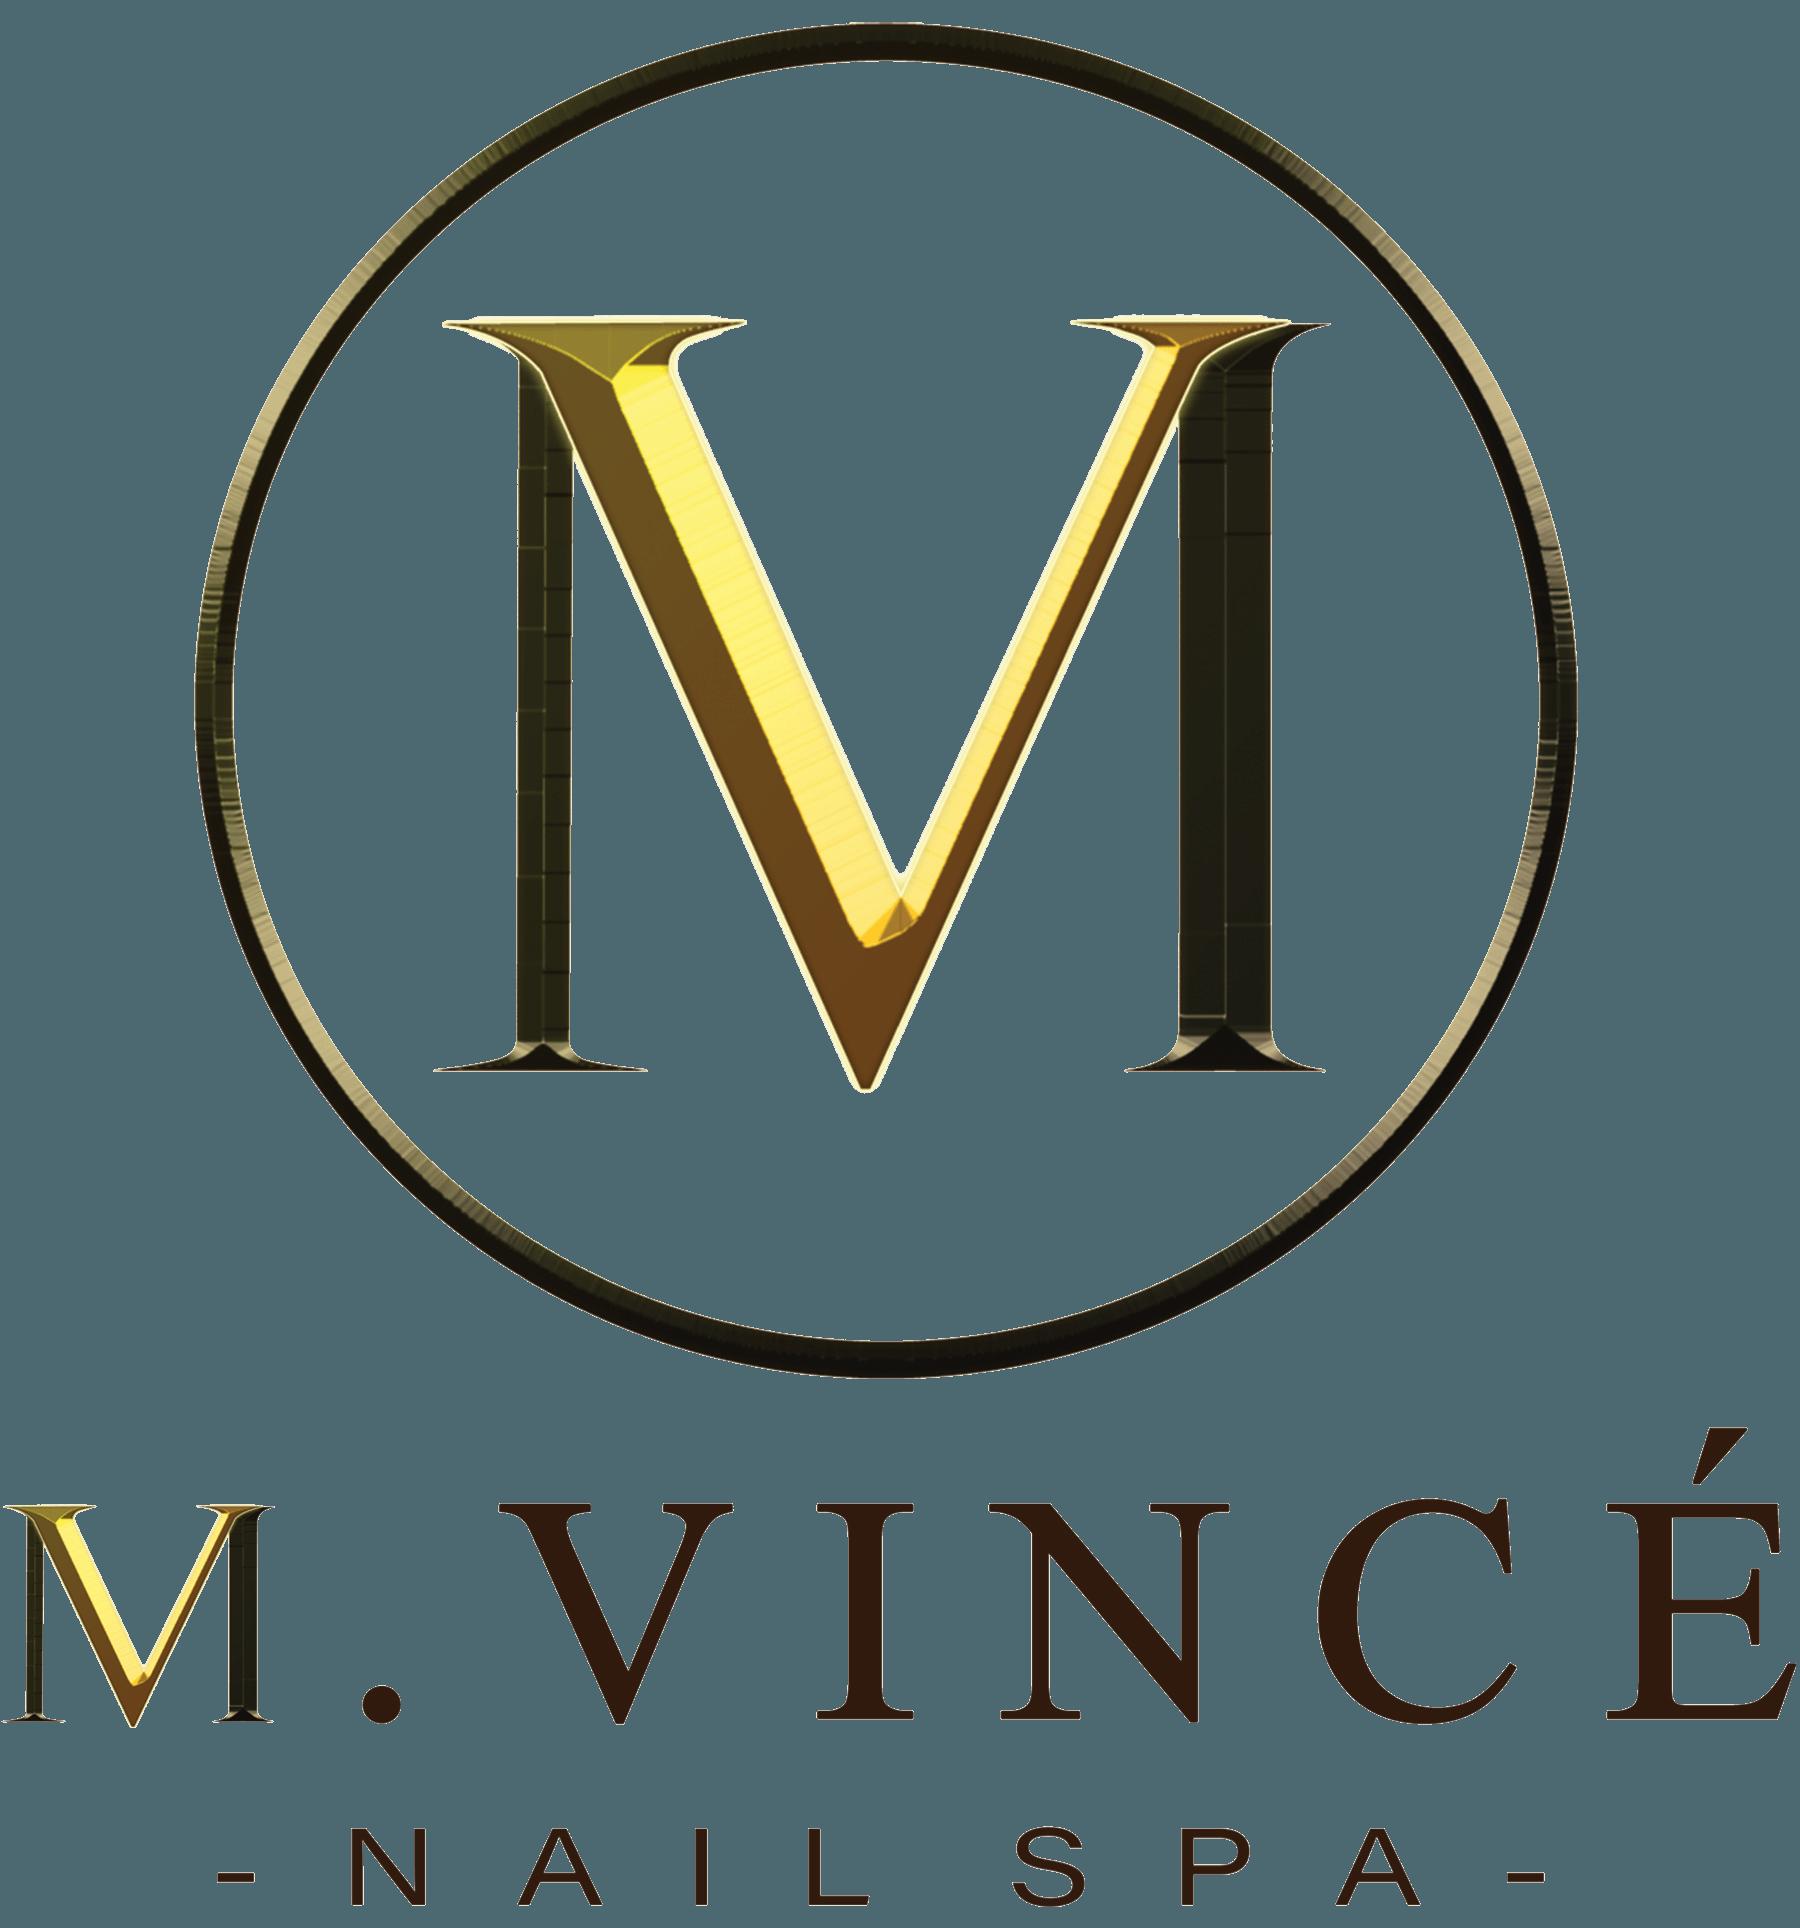 M. Vince' Nail Spa Logo